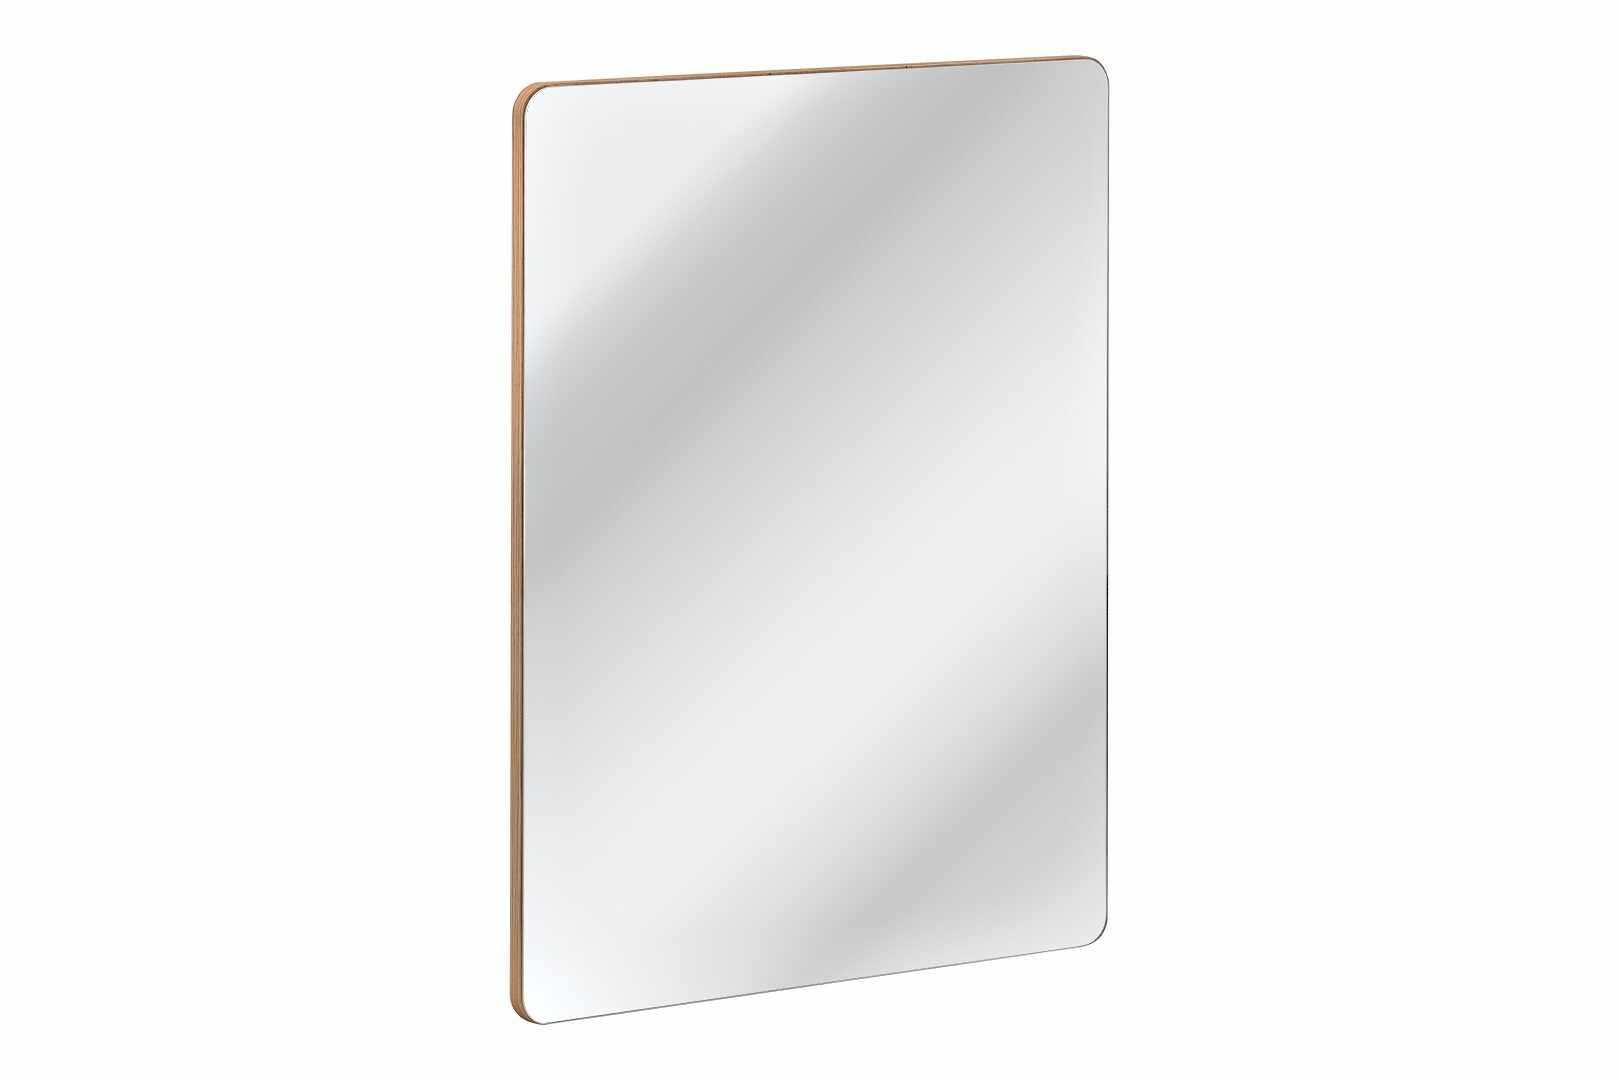 Oglinda pentru baie, L80xl60 cm, Aruba la pret 268 lei